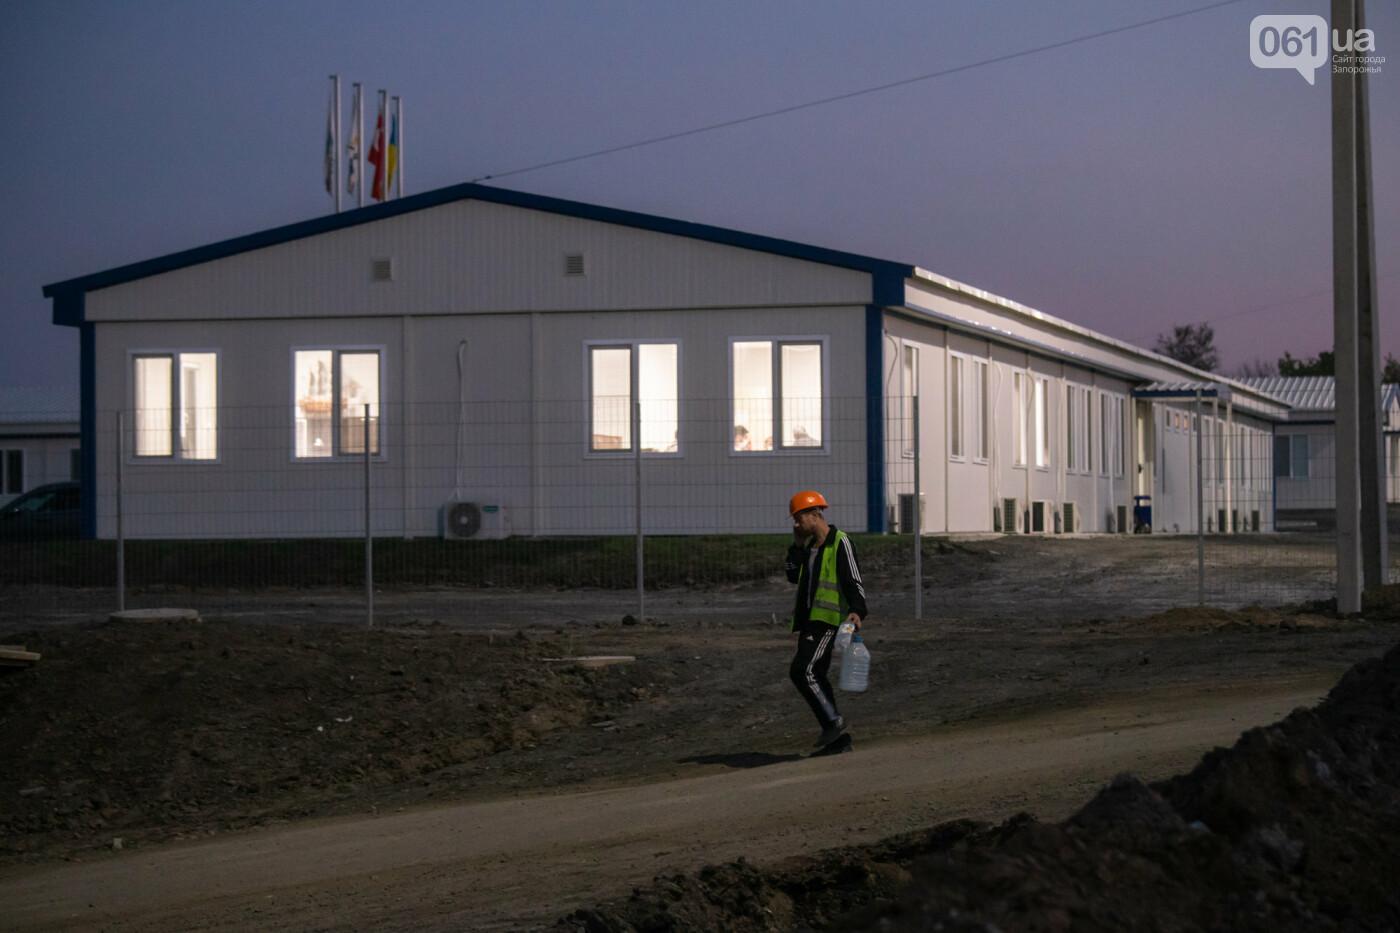 В Запорожье собирают балочный мост через Старый Днепр – строители работают даже ночью, - ФОТОРЕПОРТАЖ , фото-25